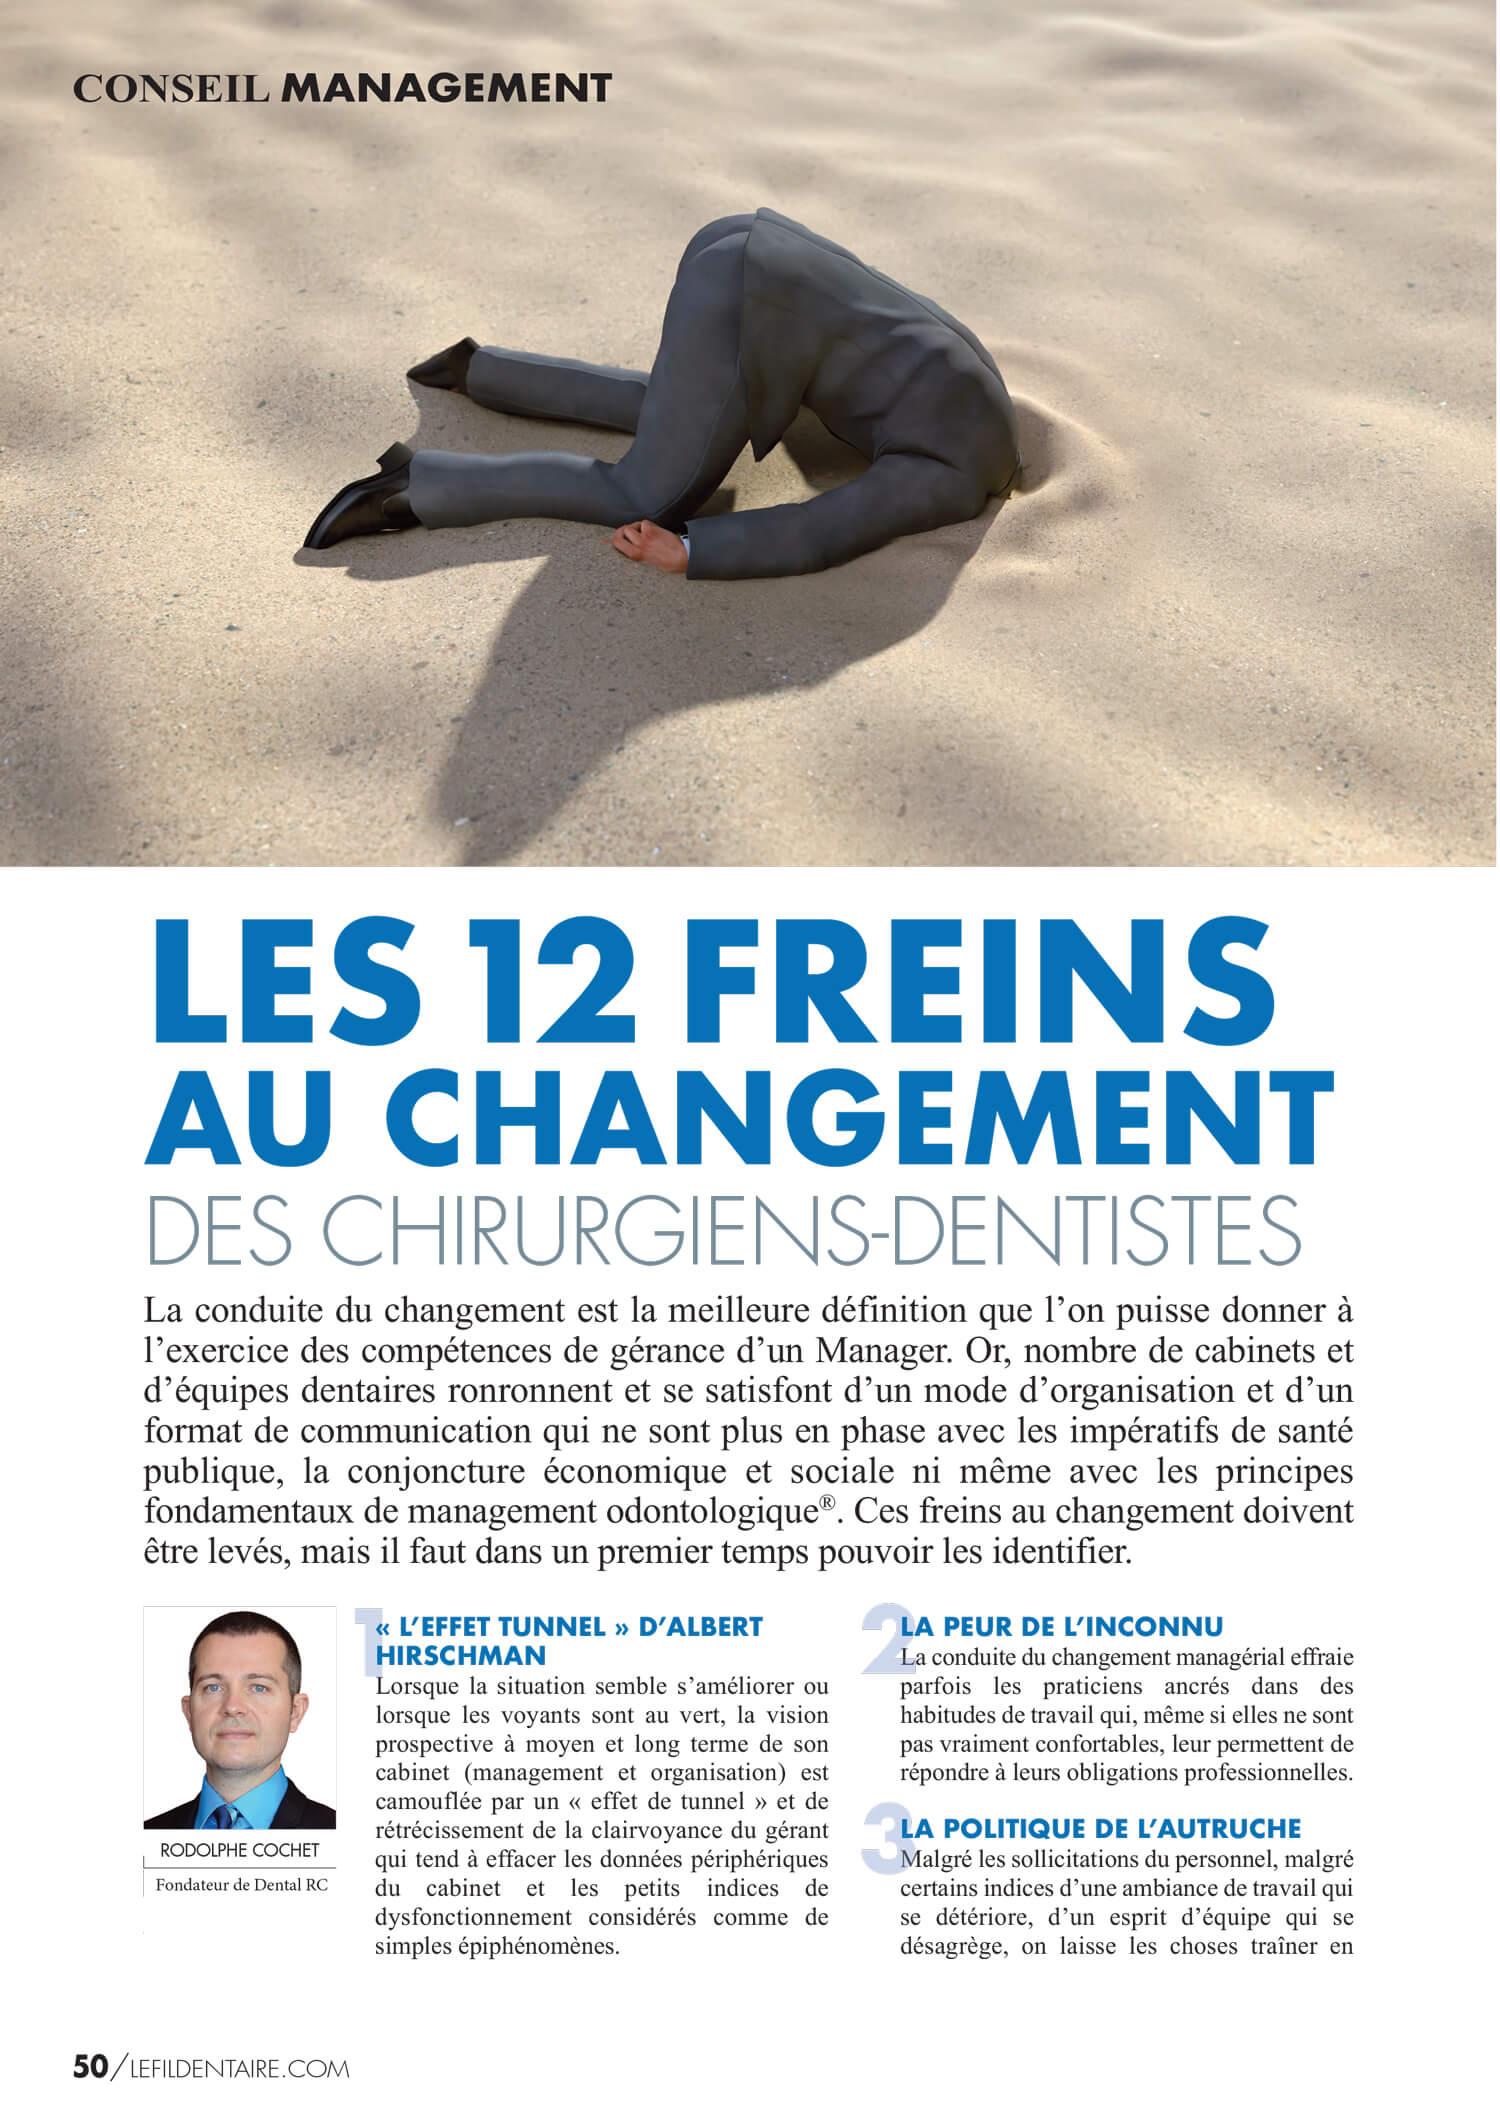 Les_12_freins_au_changement_des_chirurgiens-dentistes_-_Rodolphe_Cochet.jpg